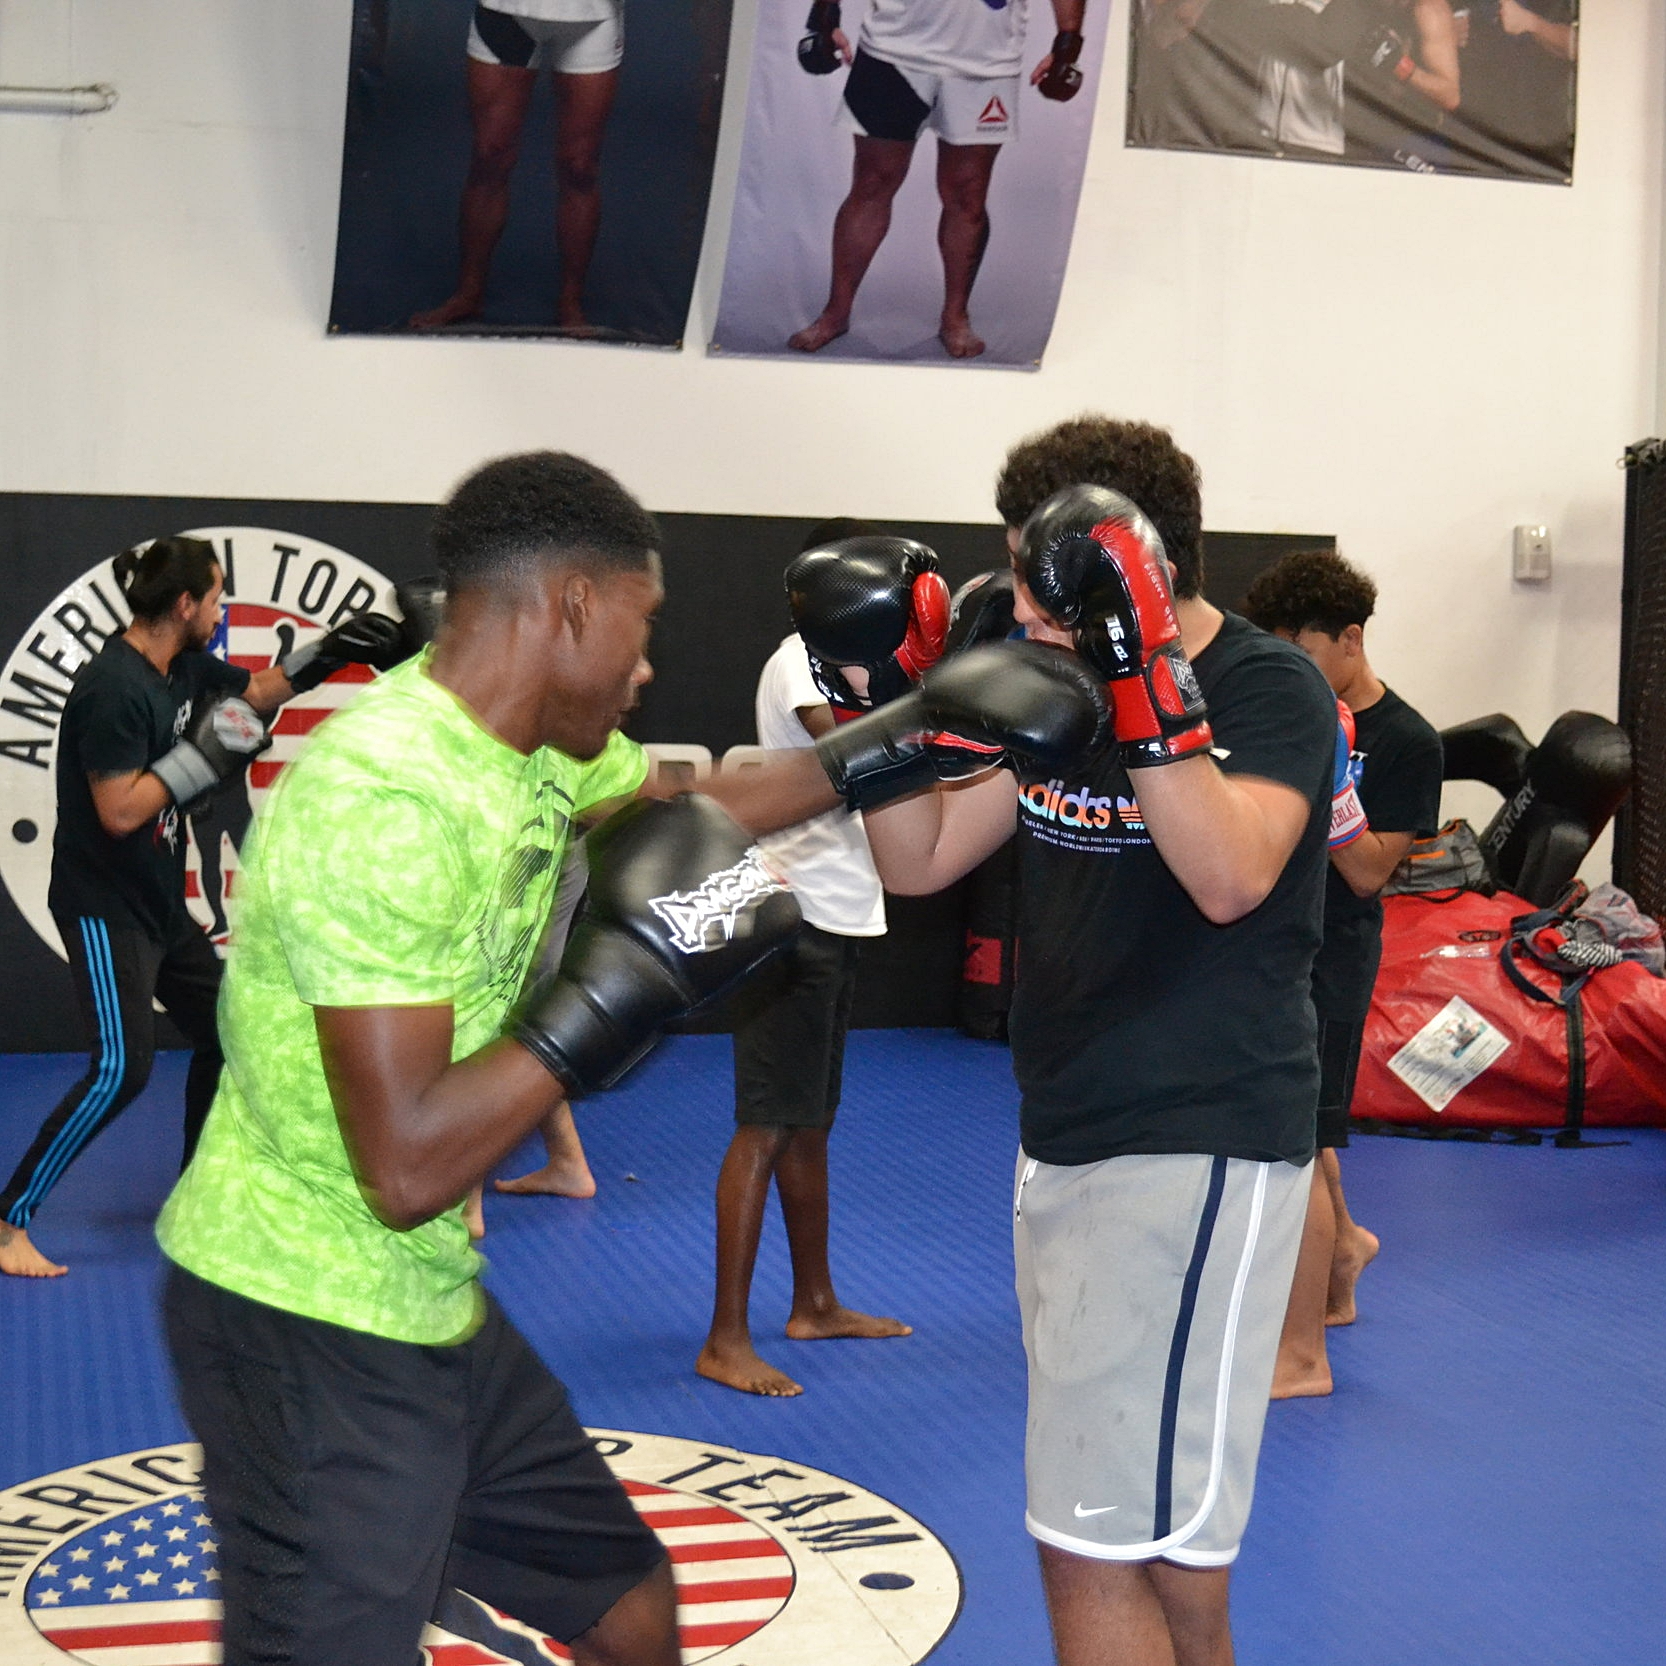 Boxing/Striking